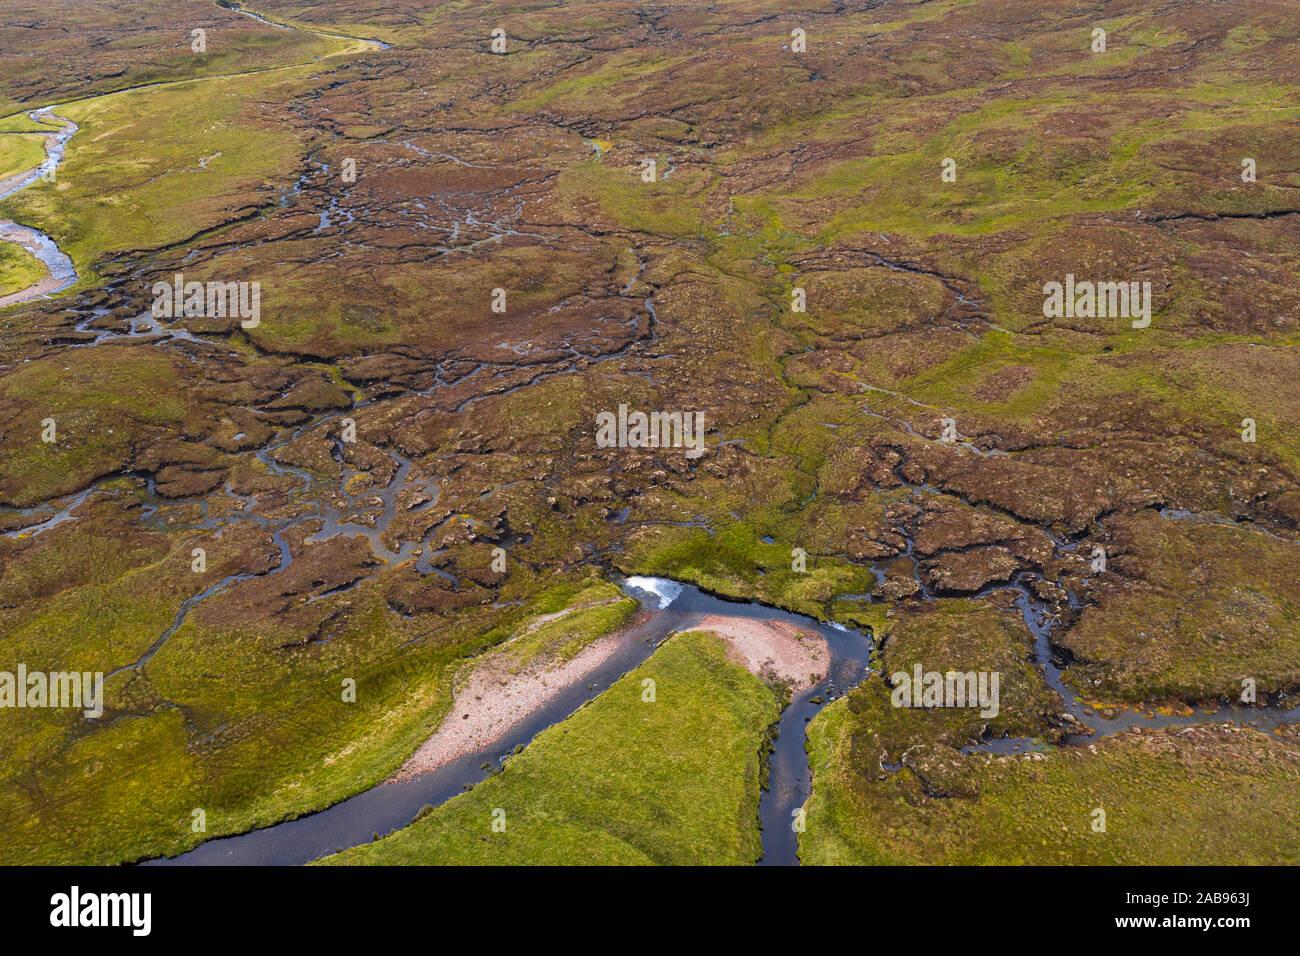 Top down drone disparar la captura de rica textura de humedales cerca Feinmore en el noroeste Highlands en Escocia - NC500 Ruta Foto de stock